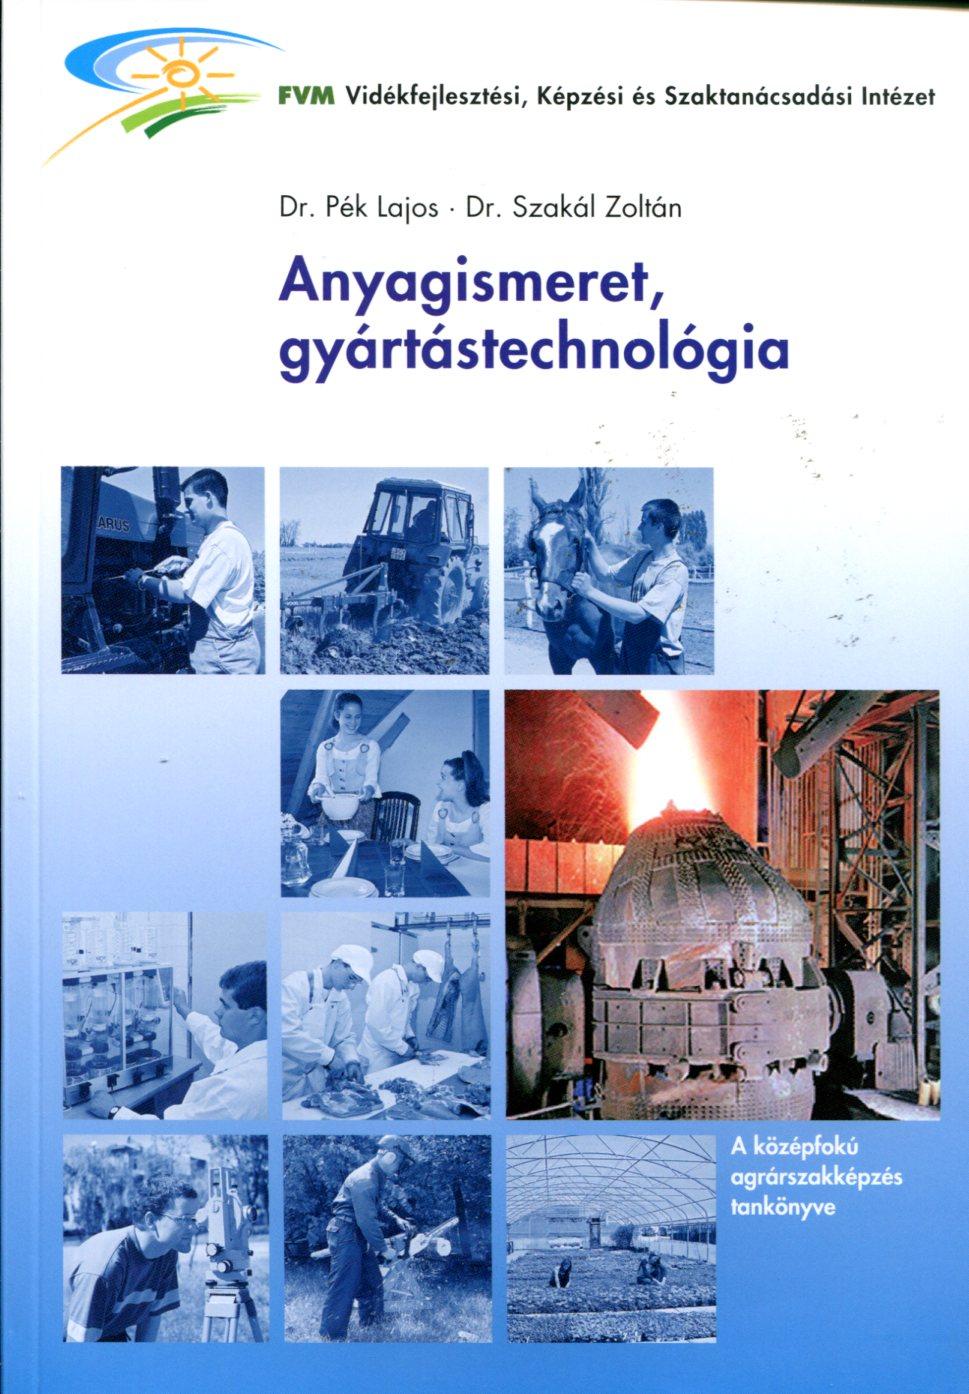 Anyagismeret, gyártástechnológia